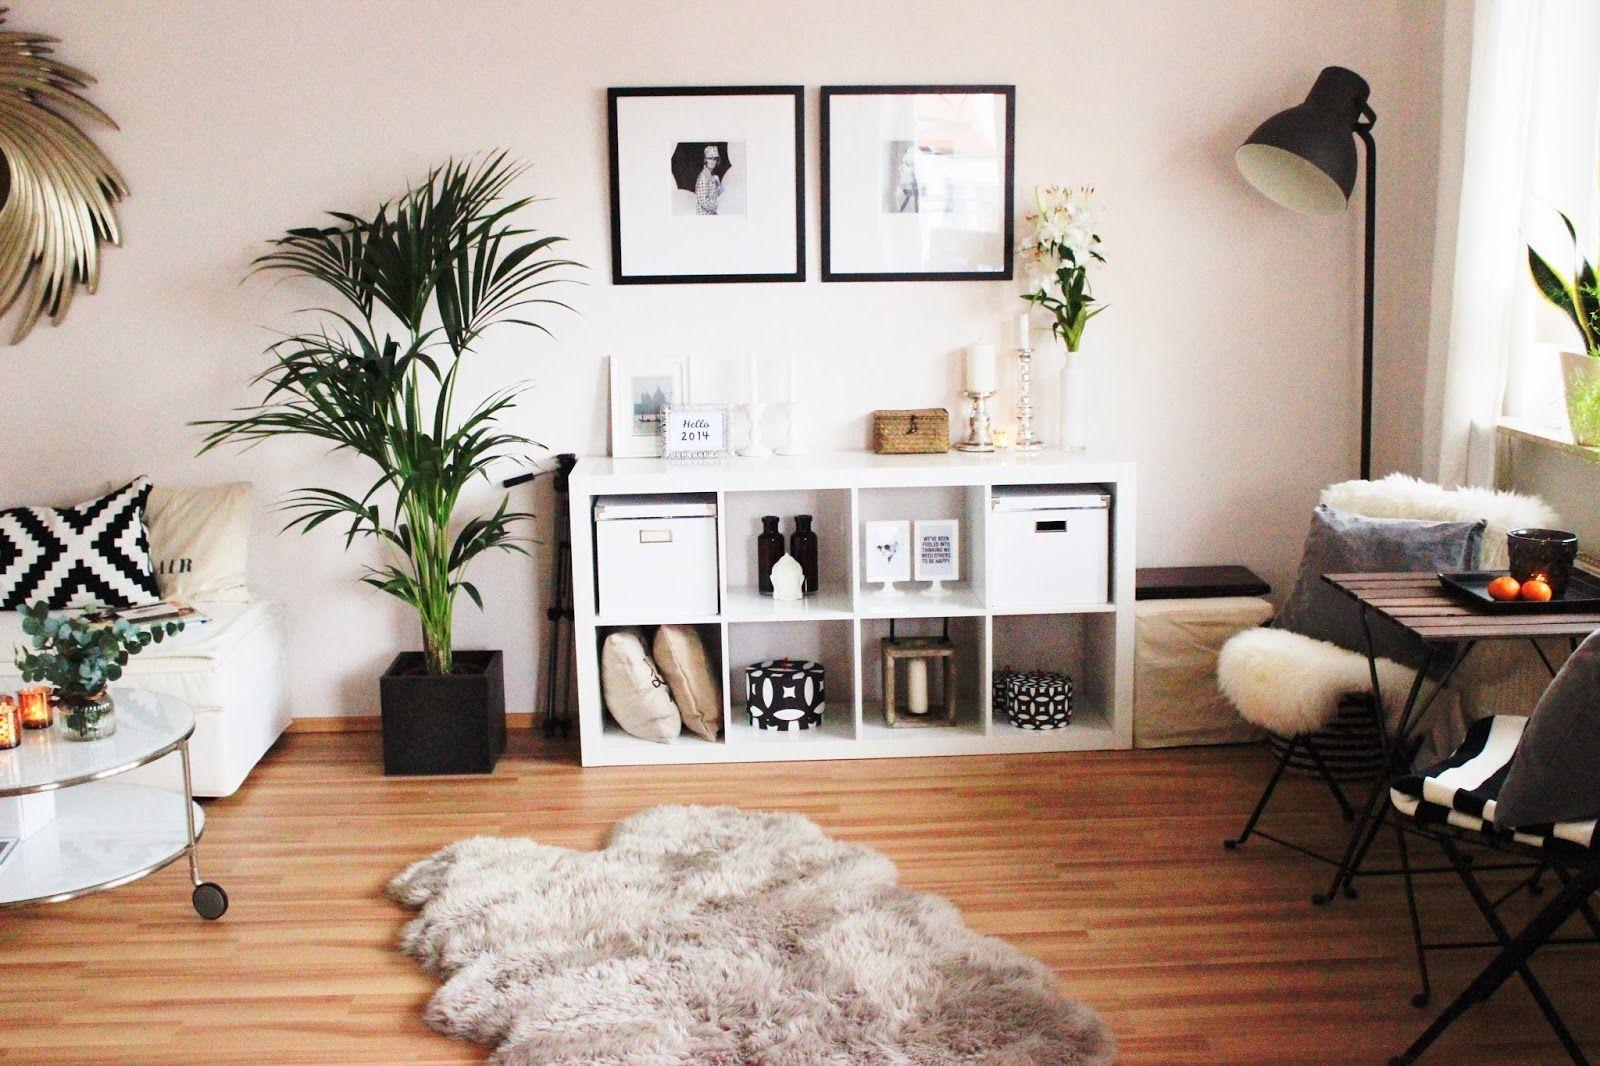 lazy and lovely januar 2014 hnliche projekte und ideen wie im bild vorgestellt findest du. Black Bedroom Furniture Sets. Home Design Ideas